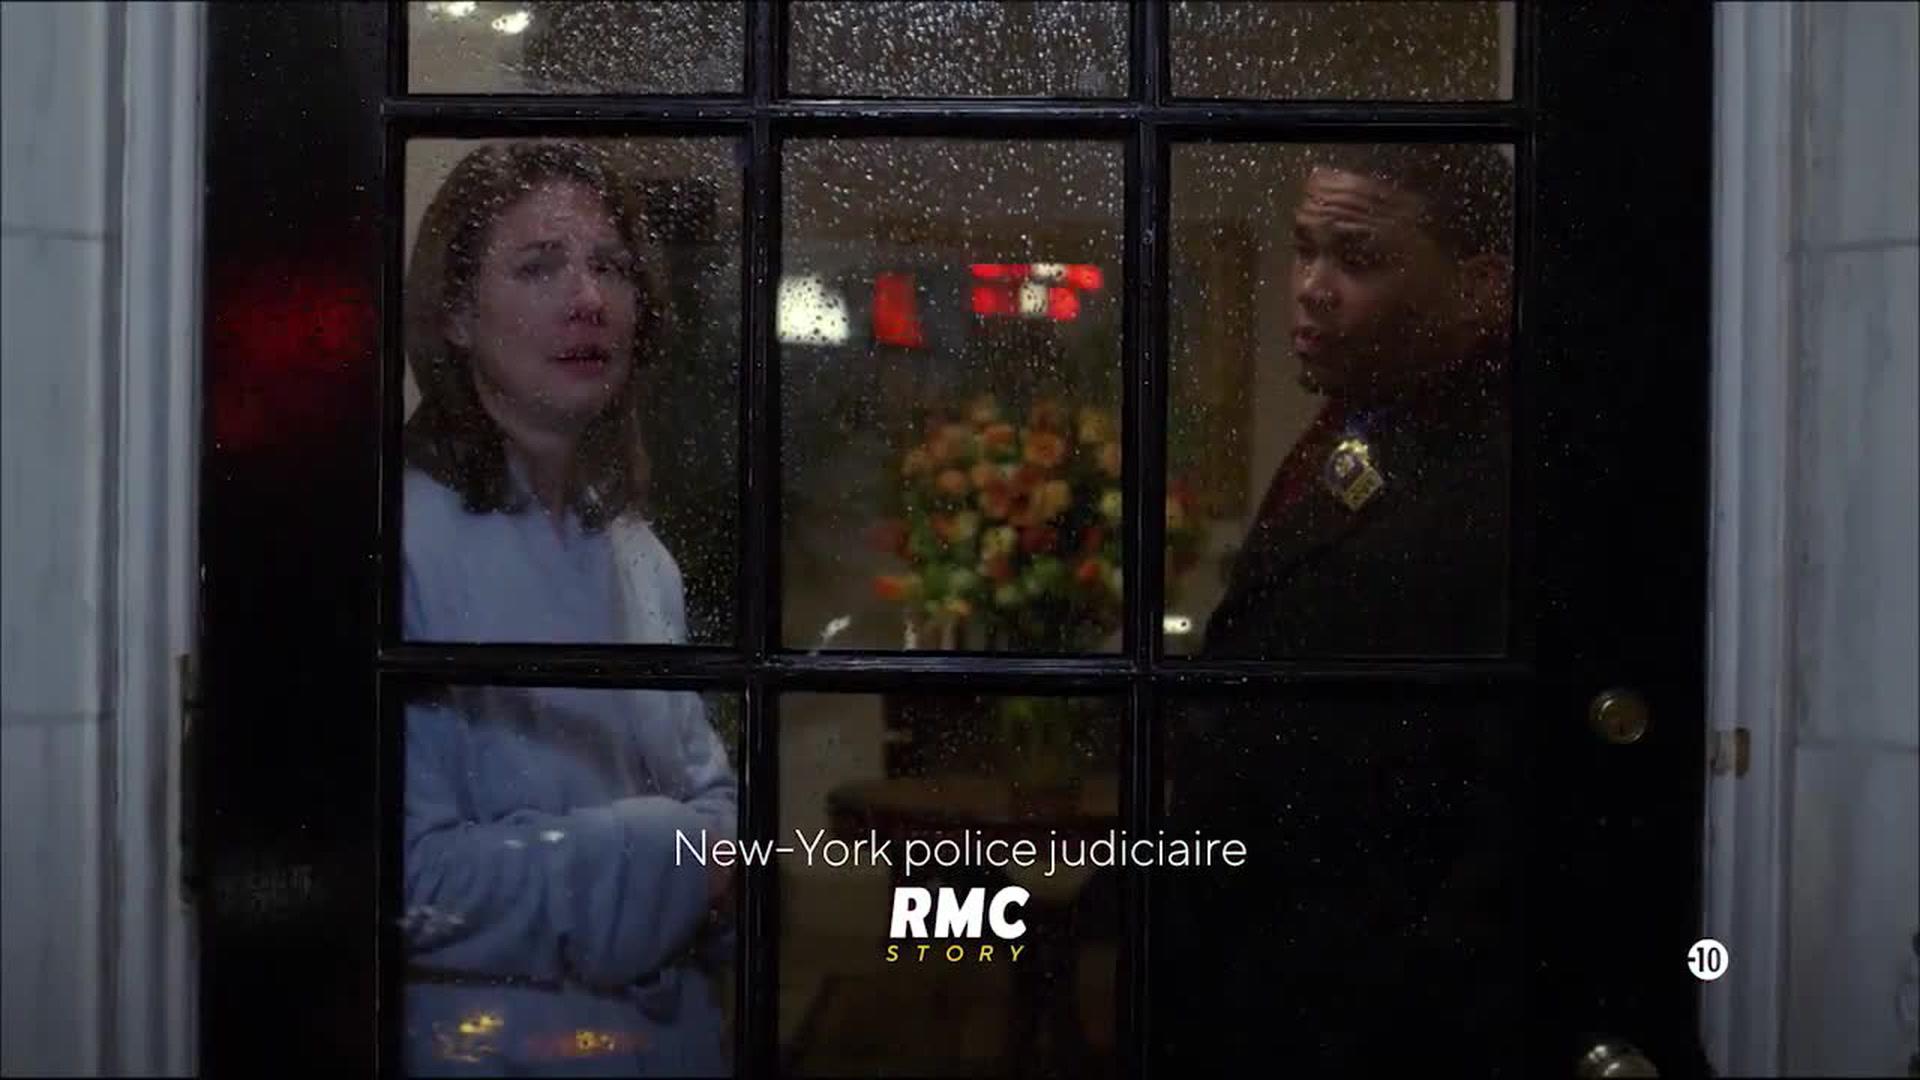 New York police judiciaire : Une bonne année pour mourir